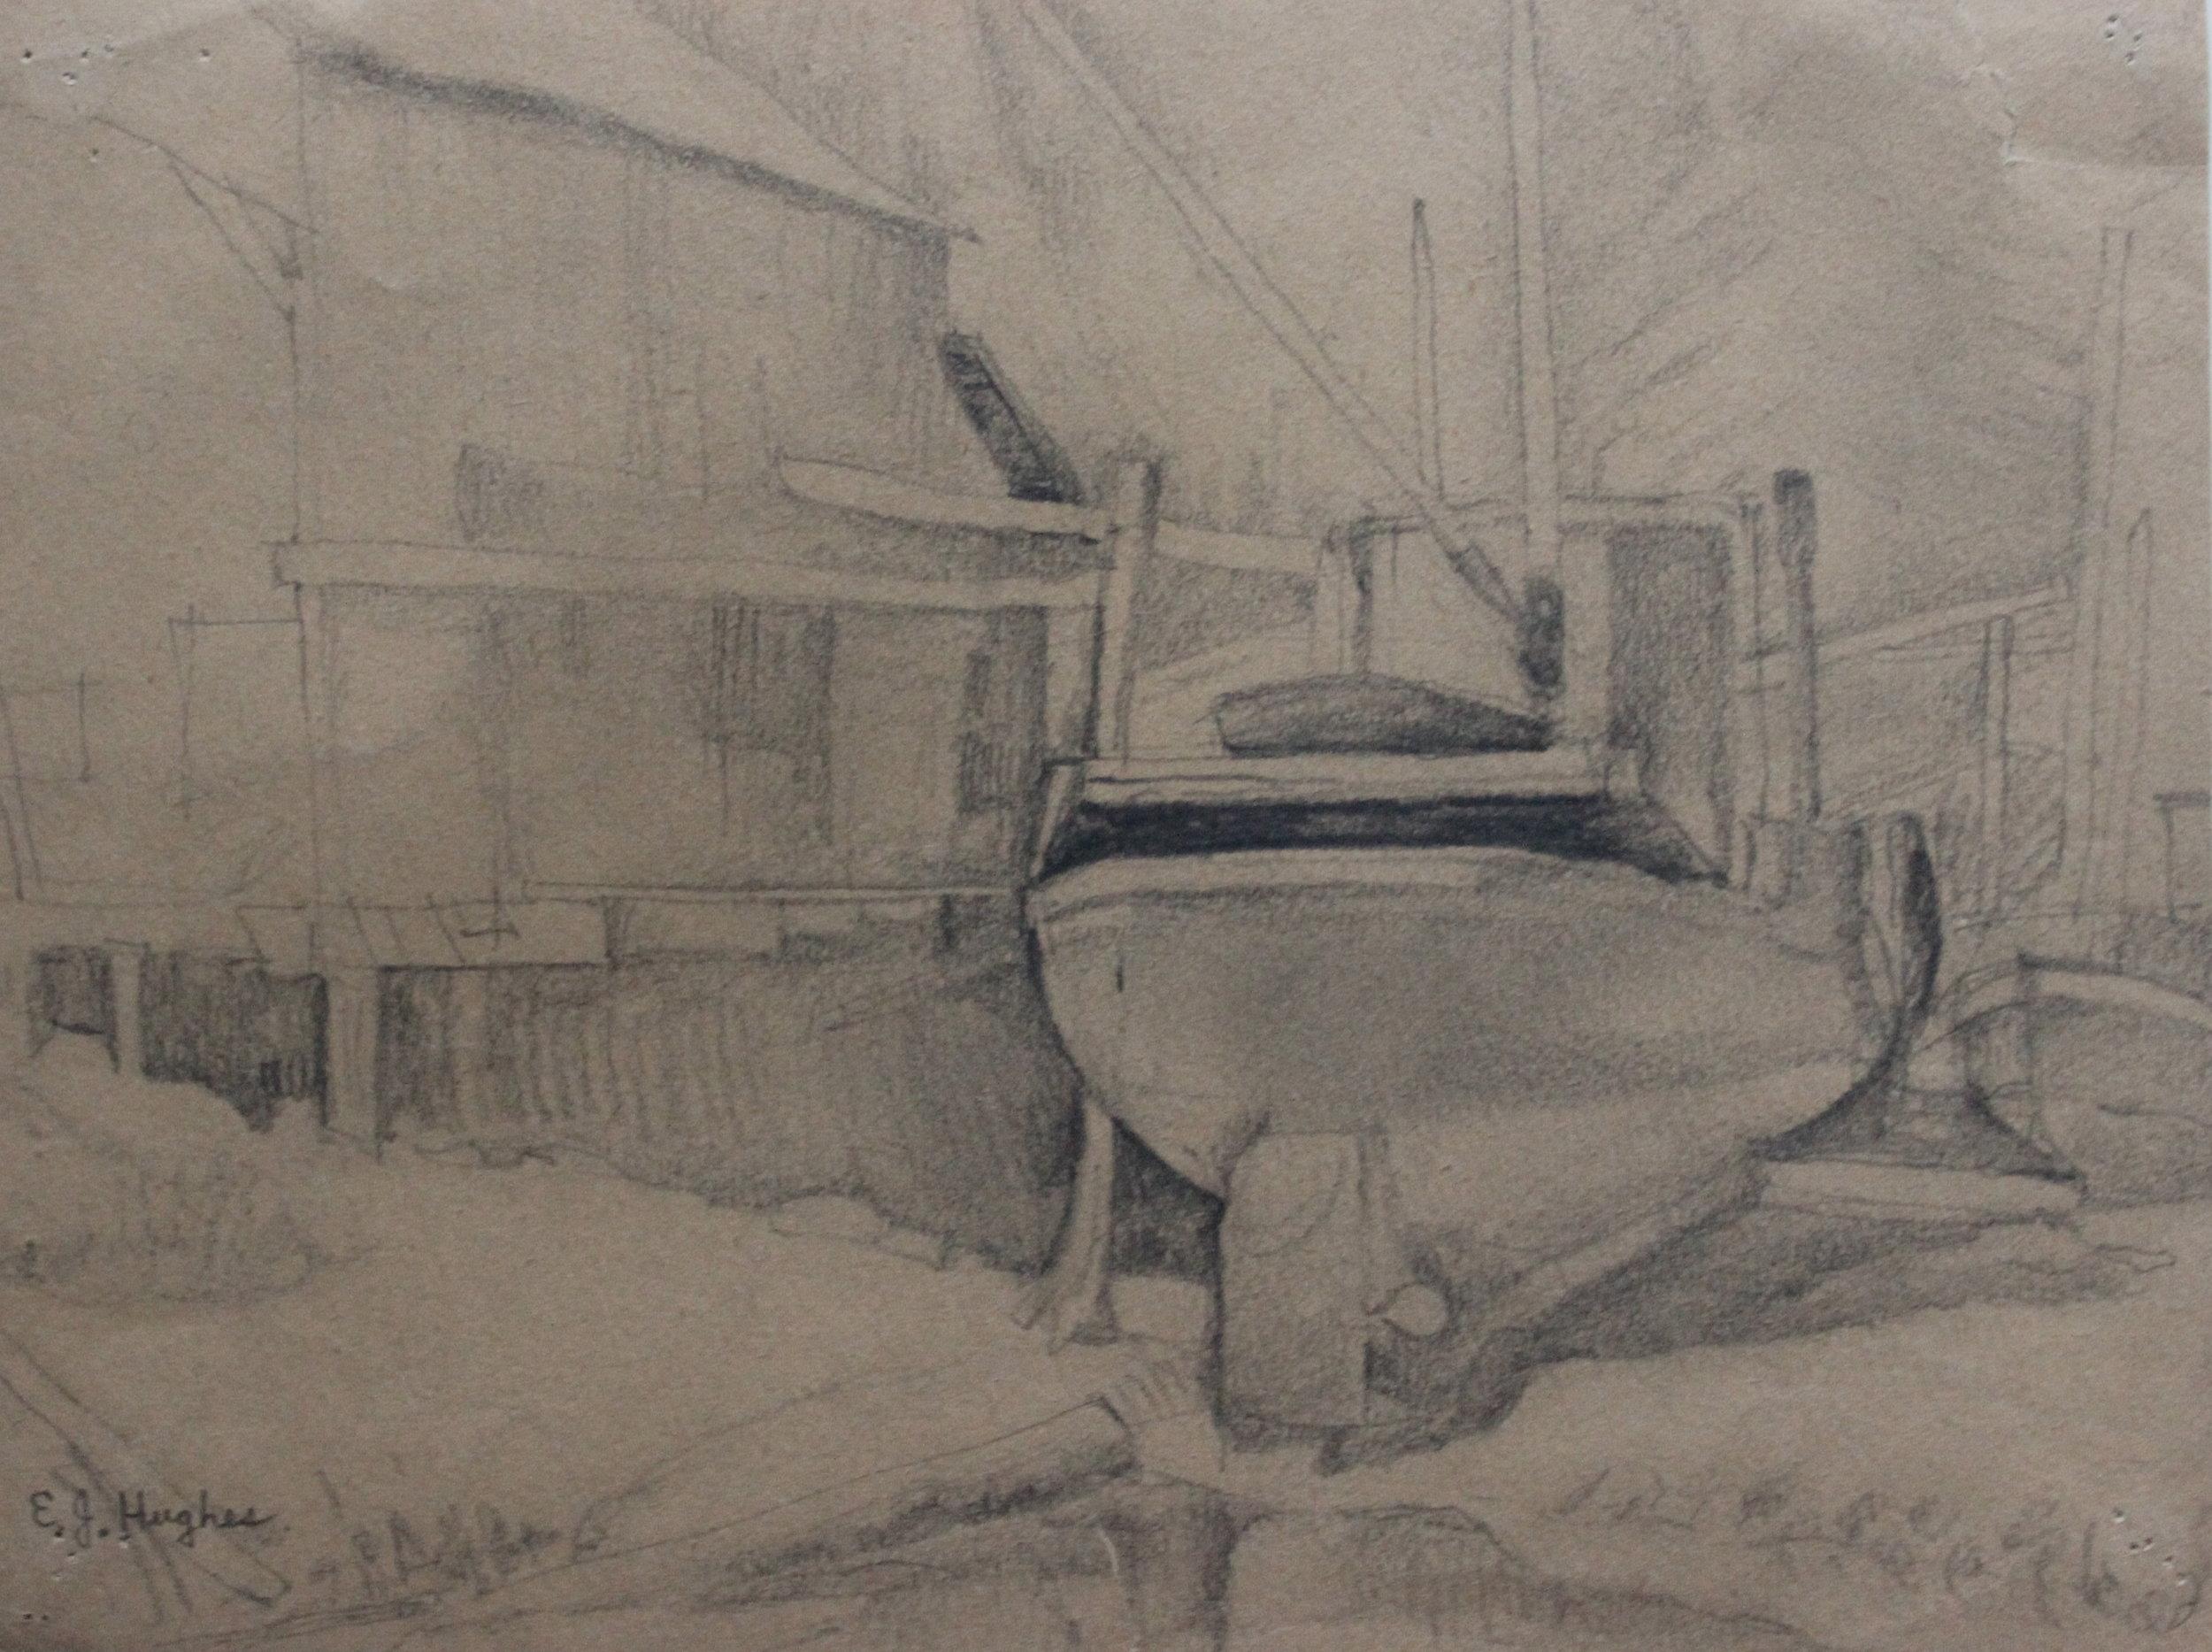 E.J Hughes, Sketch of Ship in Dry Dock